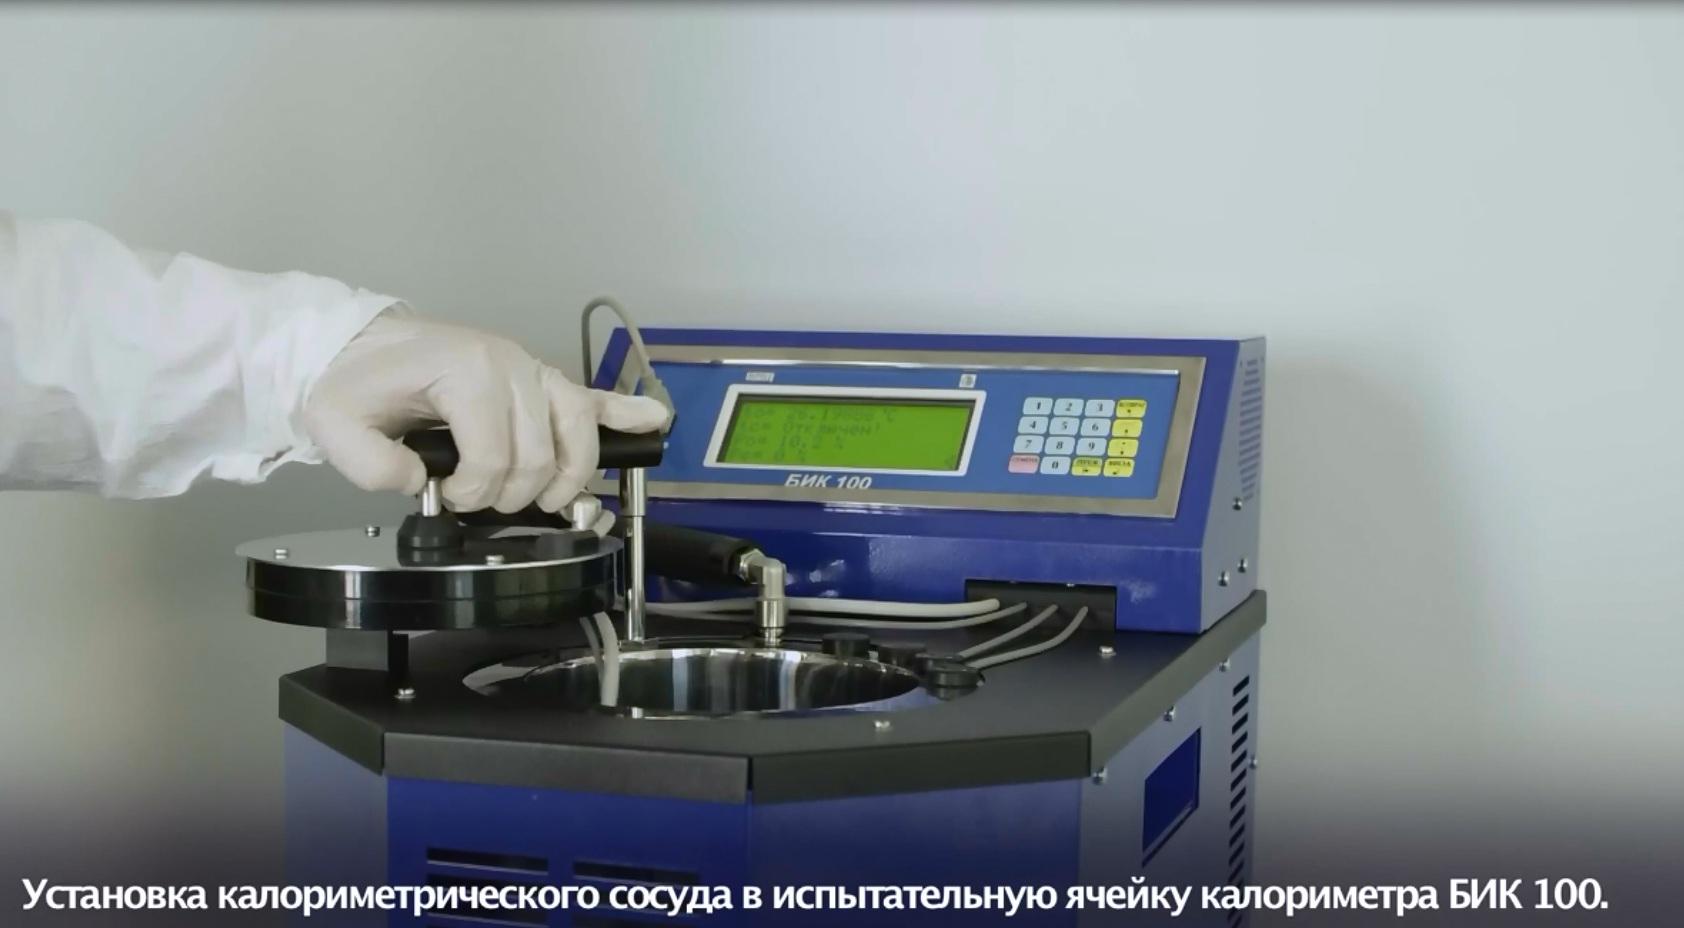 Термостат капилляр azt 6 инструкция - media-taim.ru